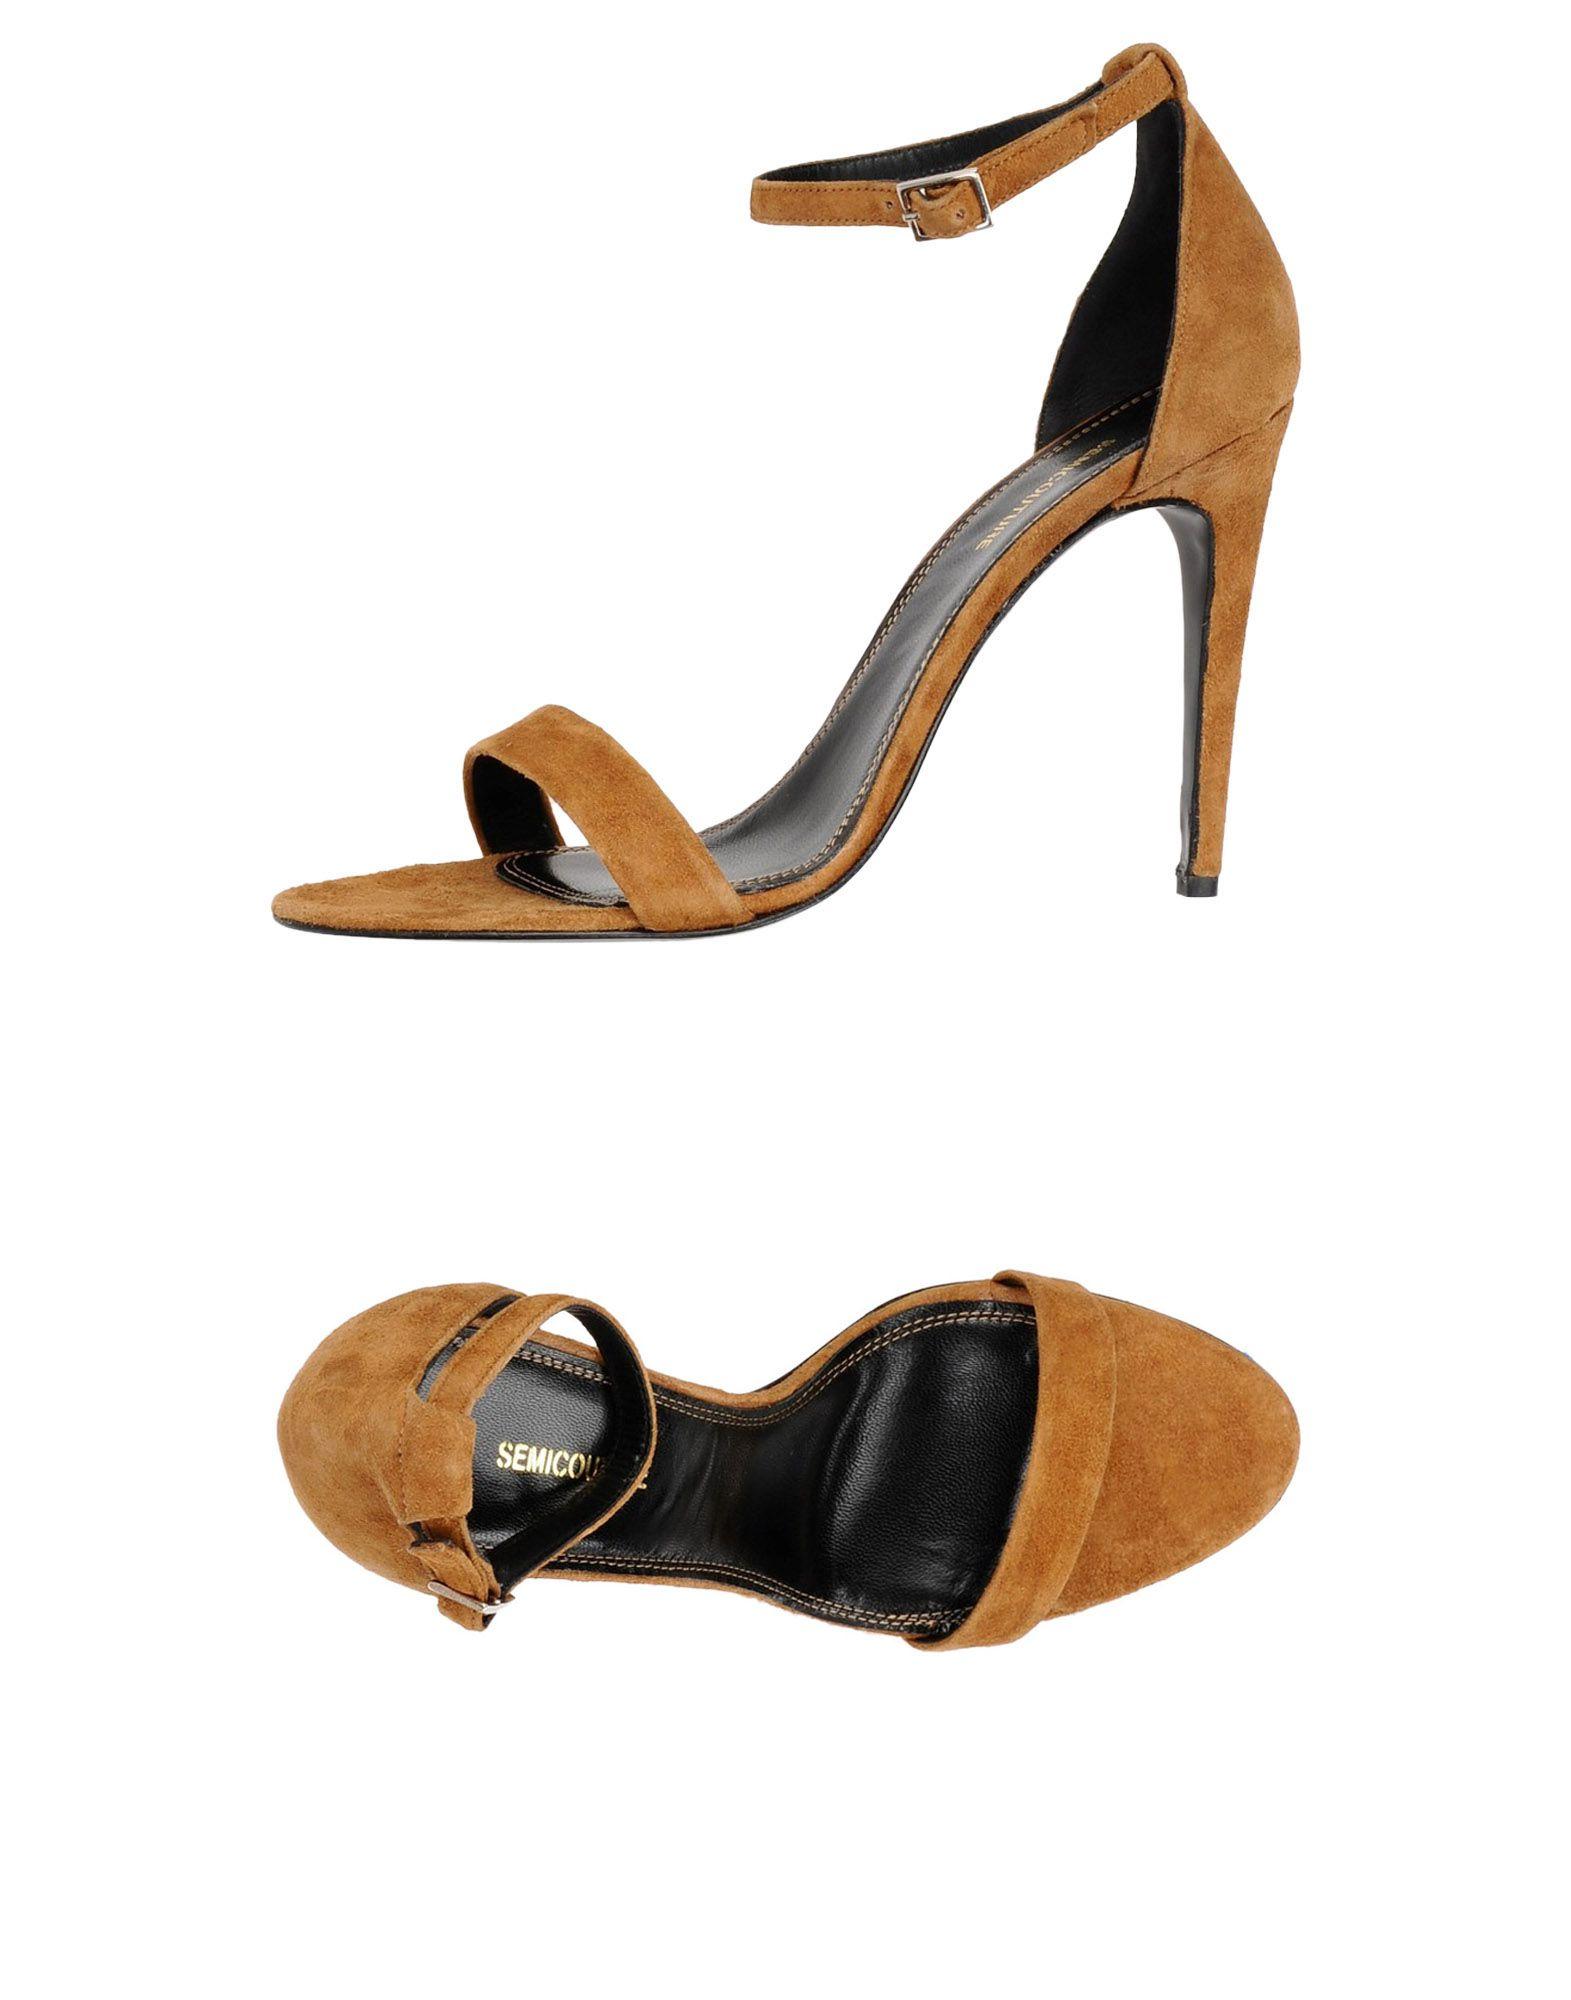 Sandales Semicouture Femme - Sandales Semicouture sur